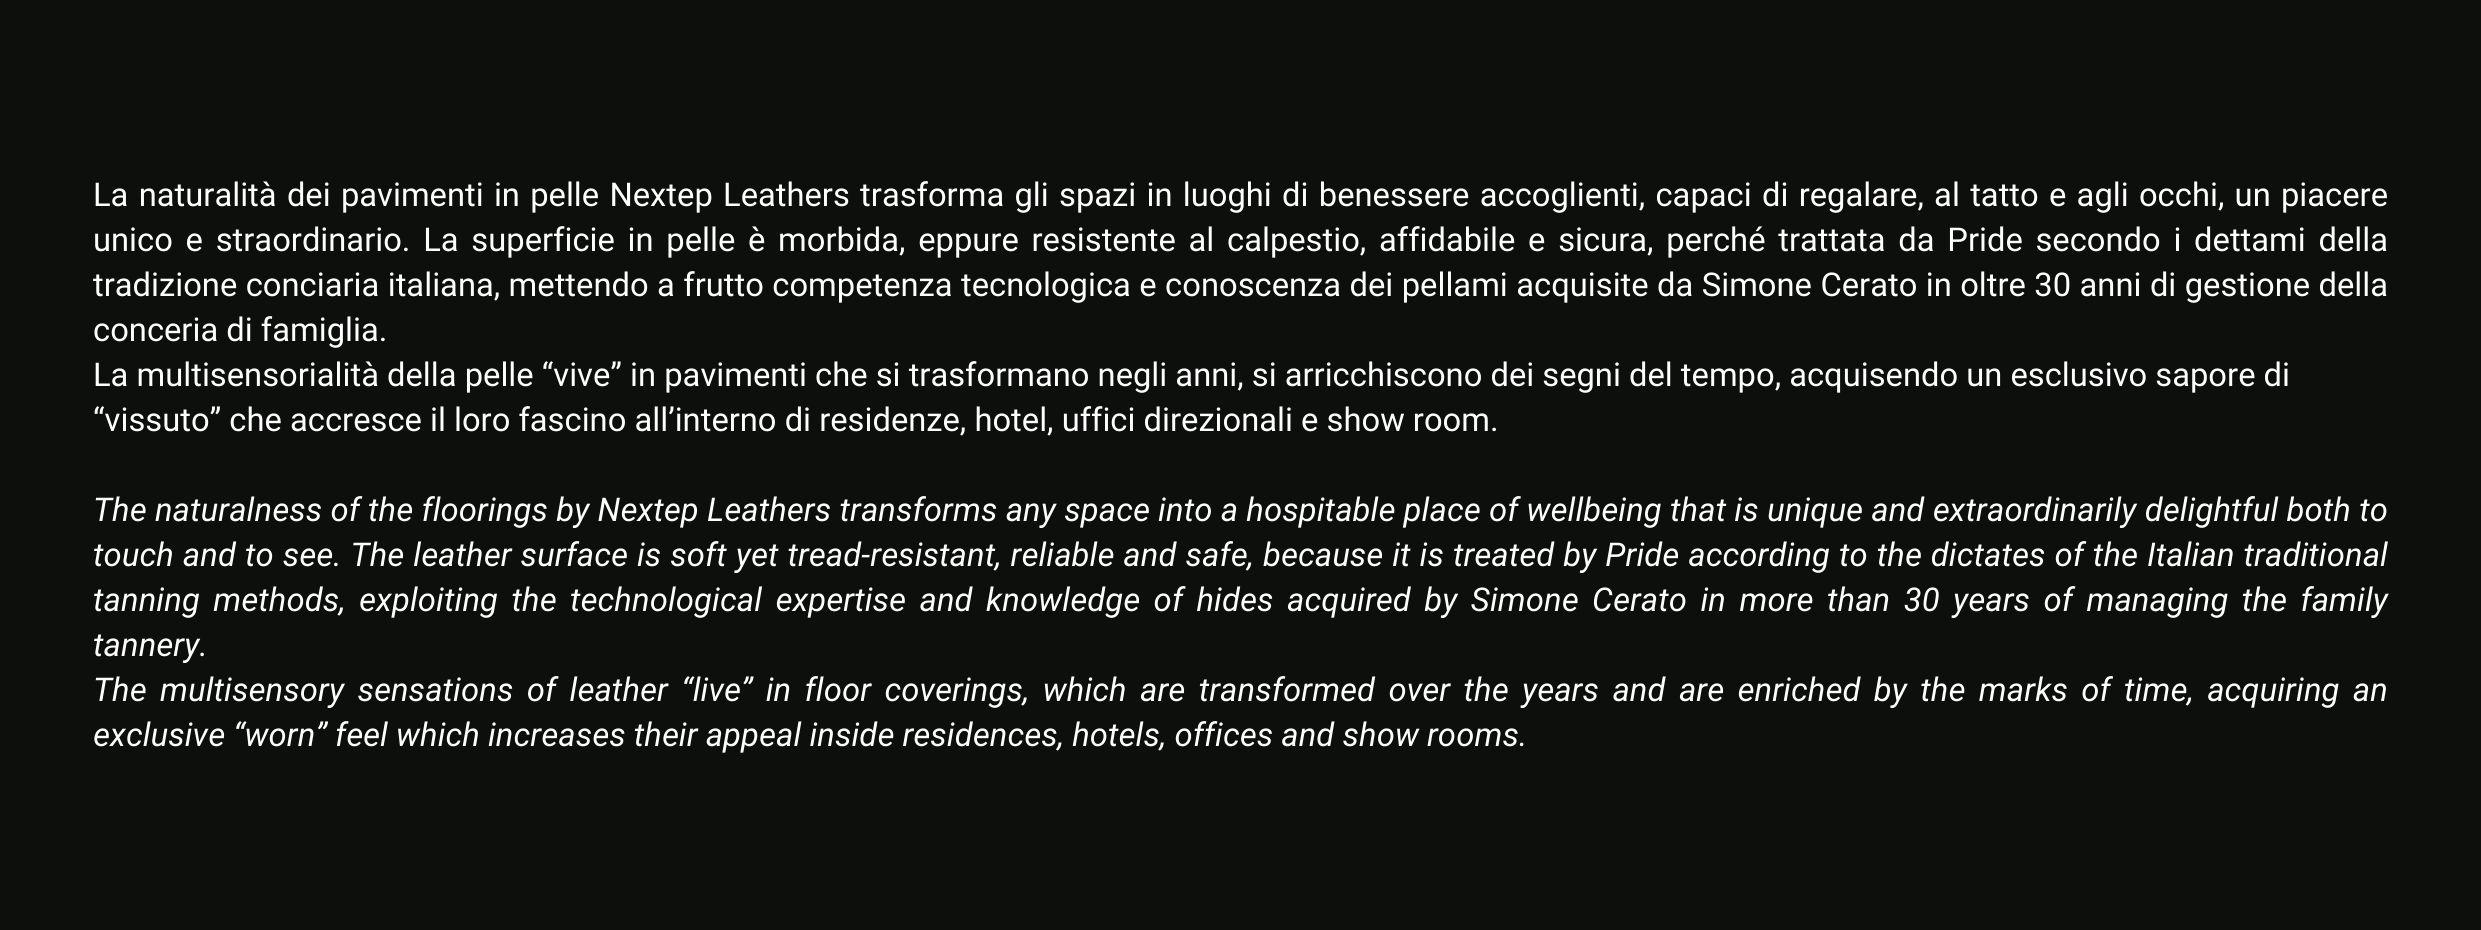 https://lartedellapelle.com/wp-content/uploads/2021/07/La-naturalità-dei-pavimenti.jpg